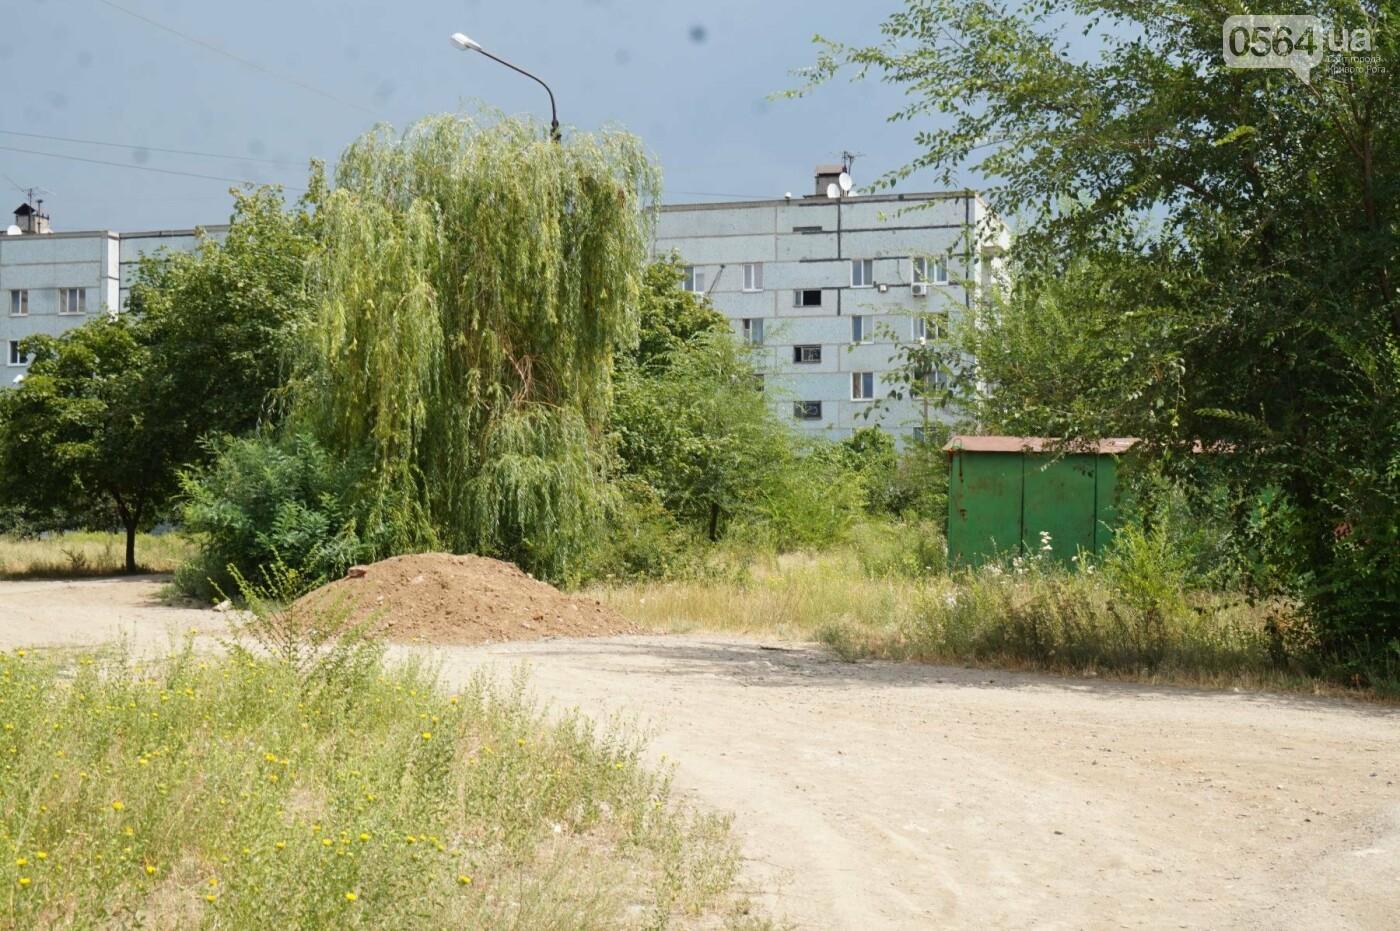 """""""Поле чудес"""": криворожане не могут добиться помощи властей, чтобы снести незаконные постройки и создать сквер, - ФОТО, фото-48"""